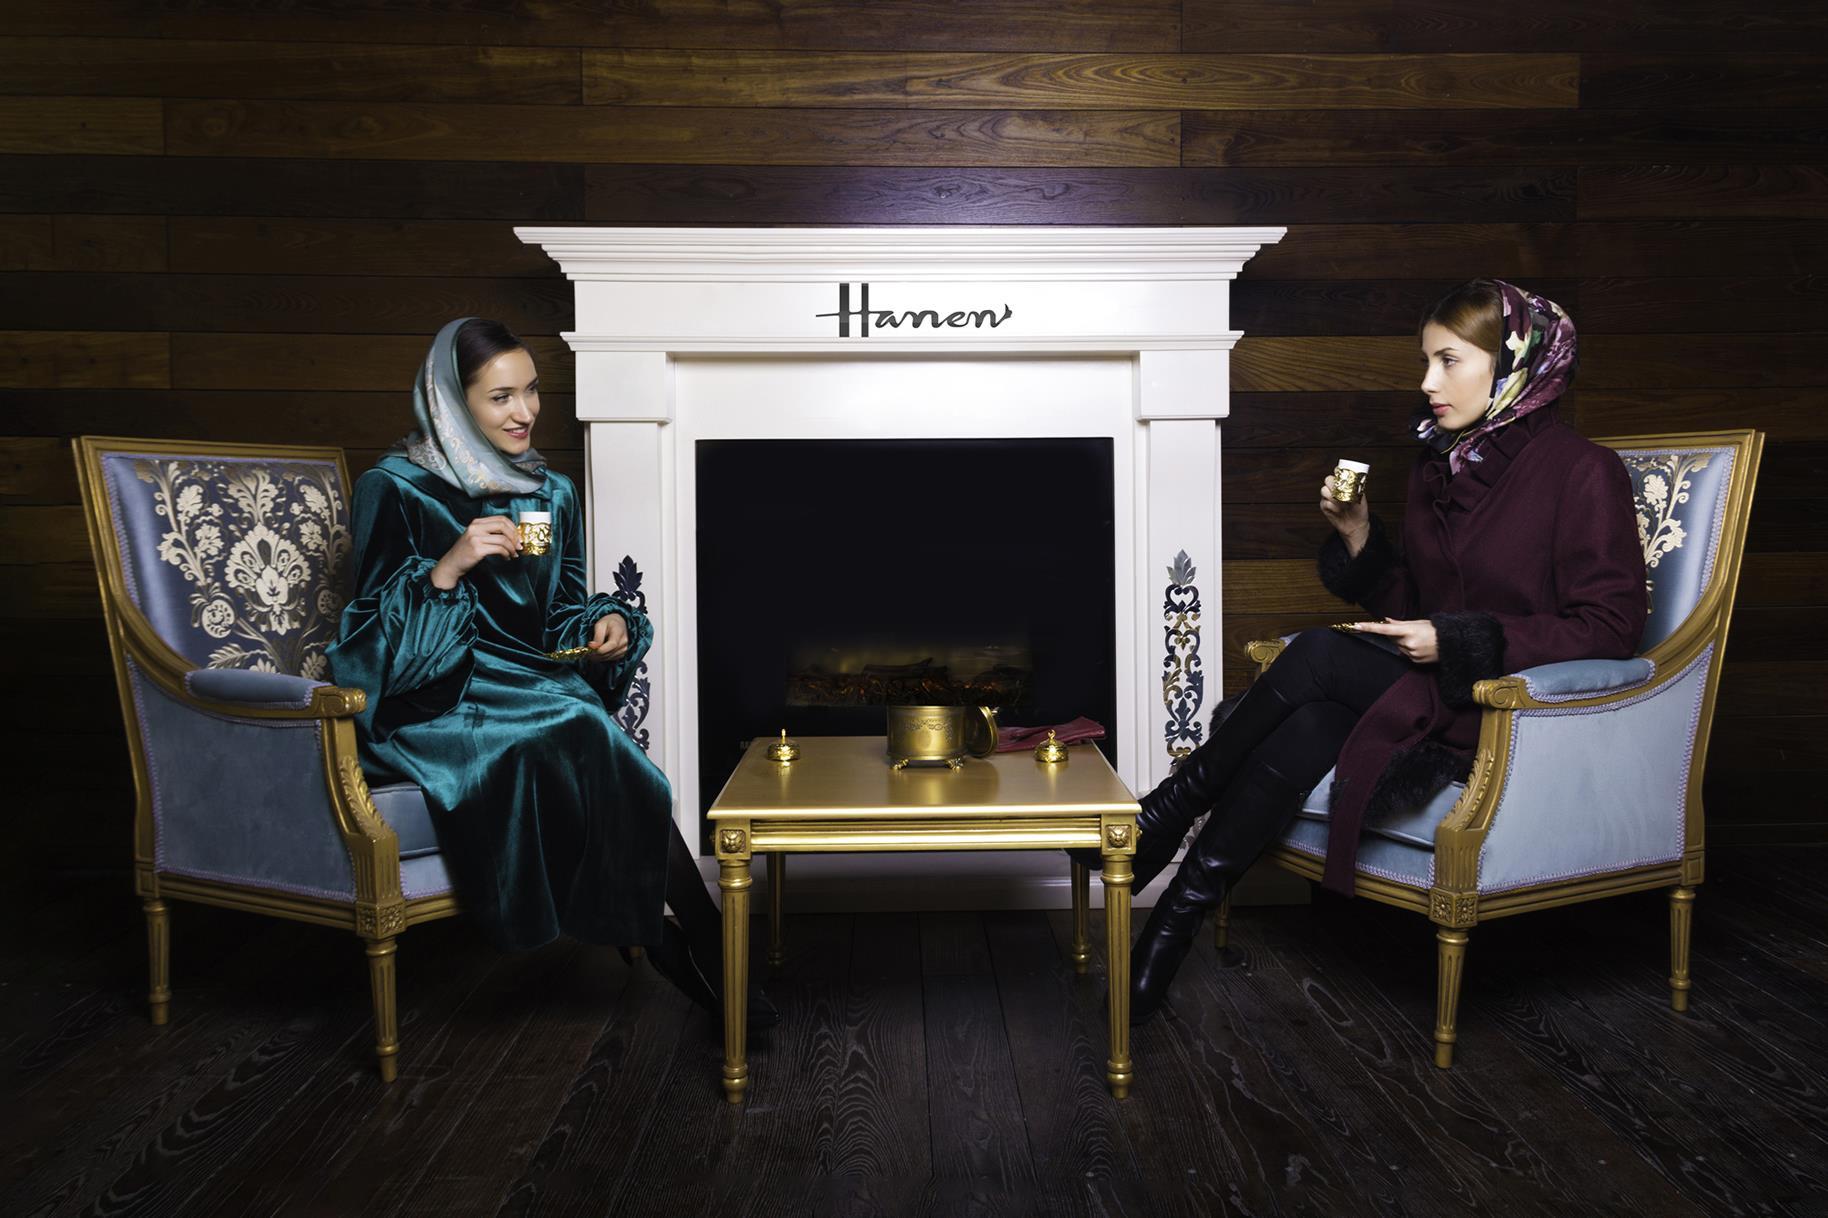 هانن , طراحی و تولید پوشاک لوک